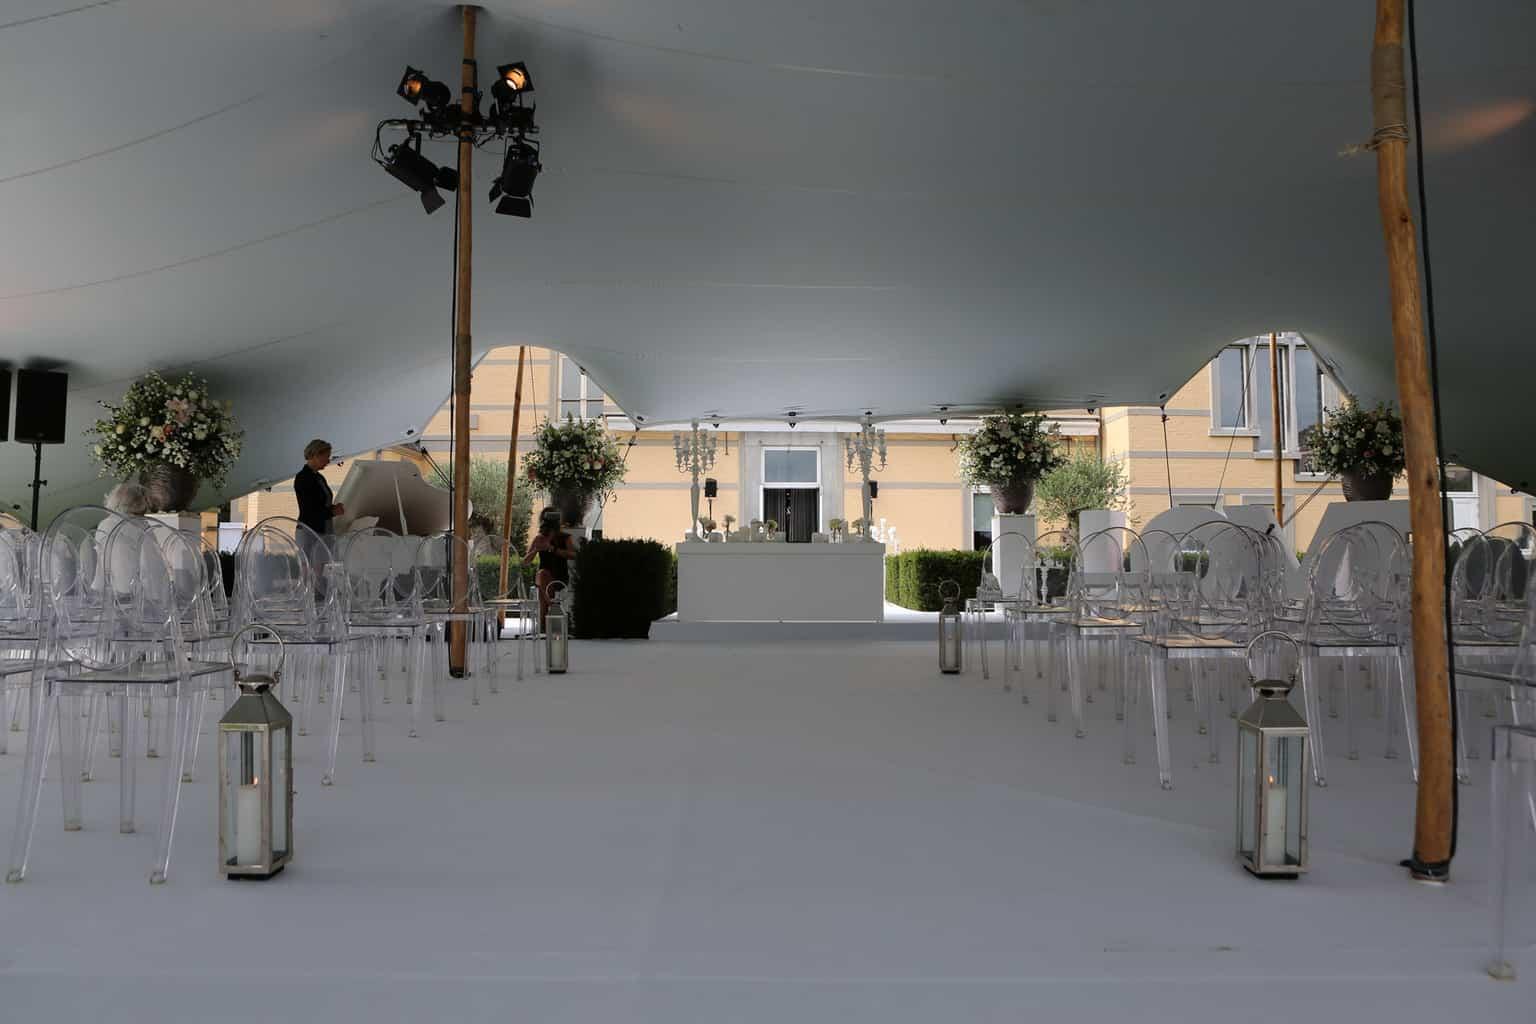 ceremonie op Kasteel de Hoogenweerth, huwelijksdag, trouwen, bruiloft regelen, wedding en planning, weddingplanner